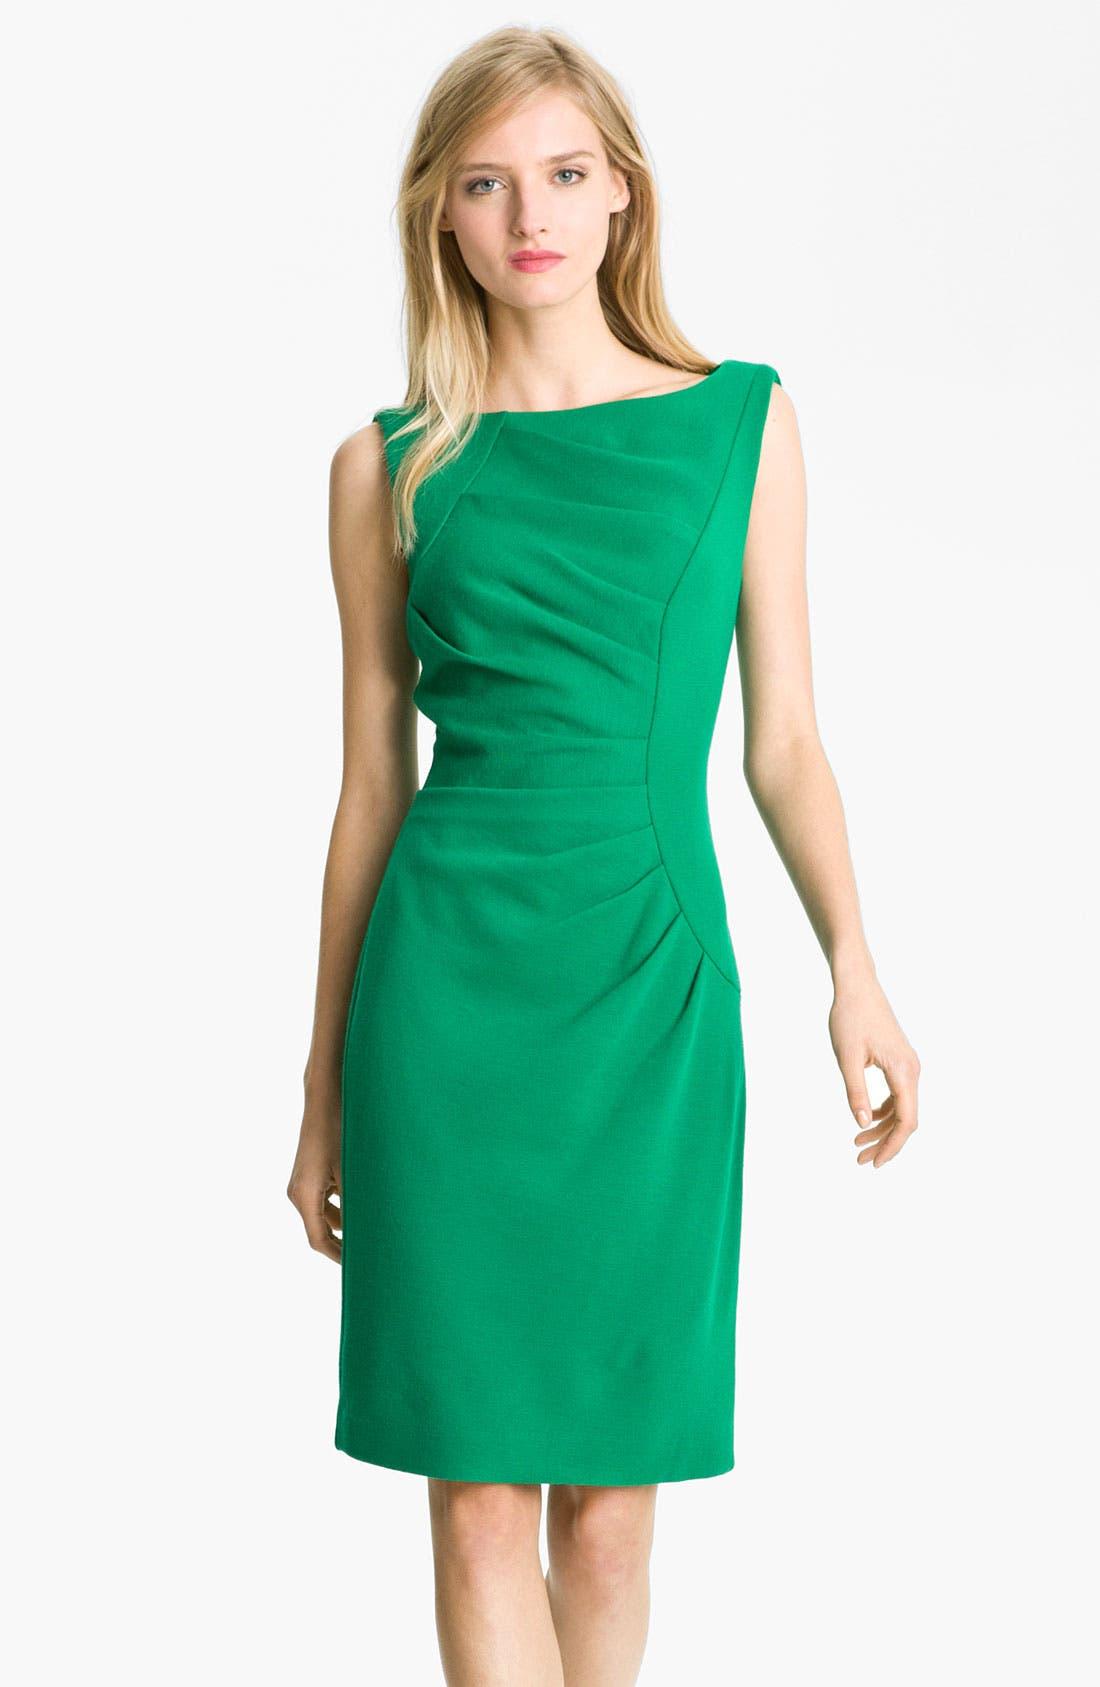 Main Image - Milly 'Tucked' Sheath Dress